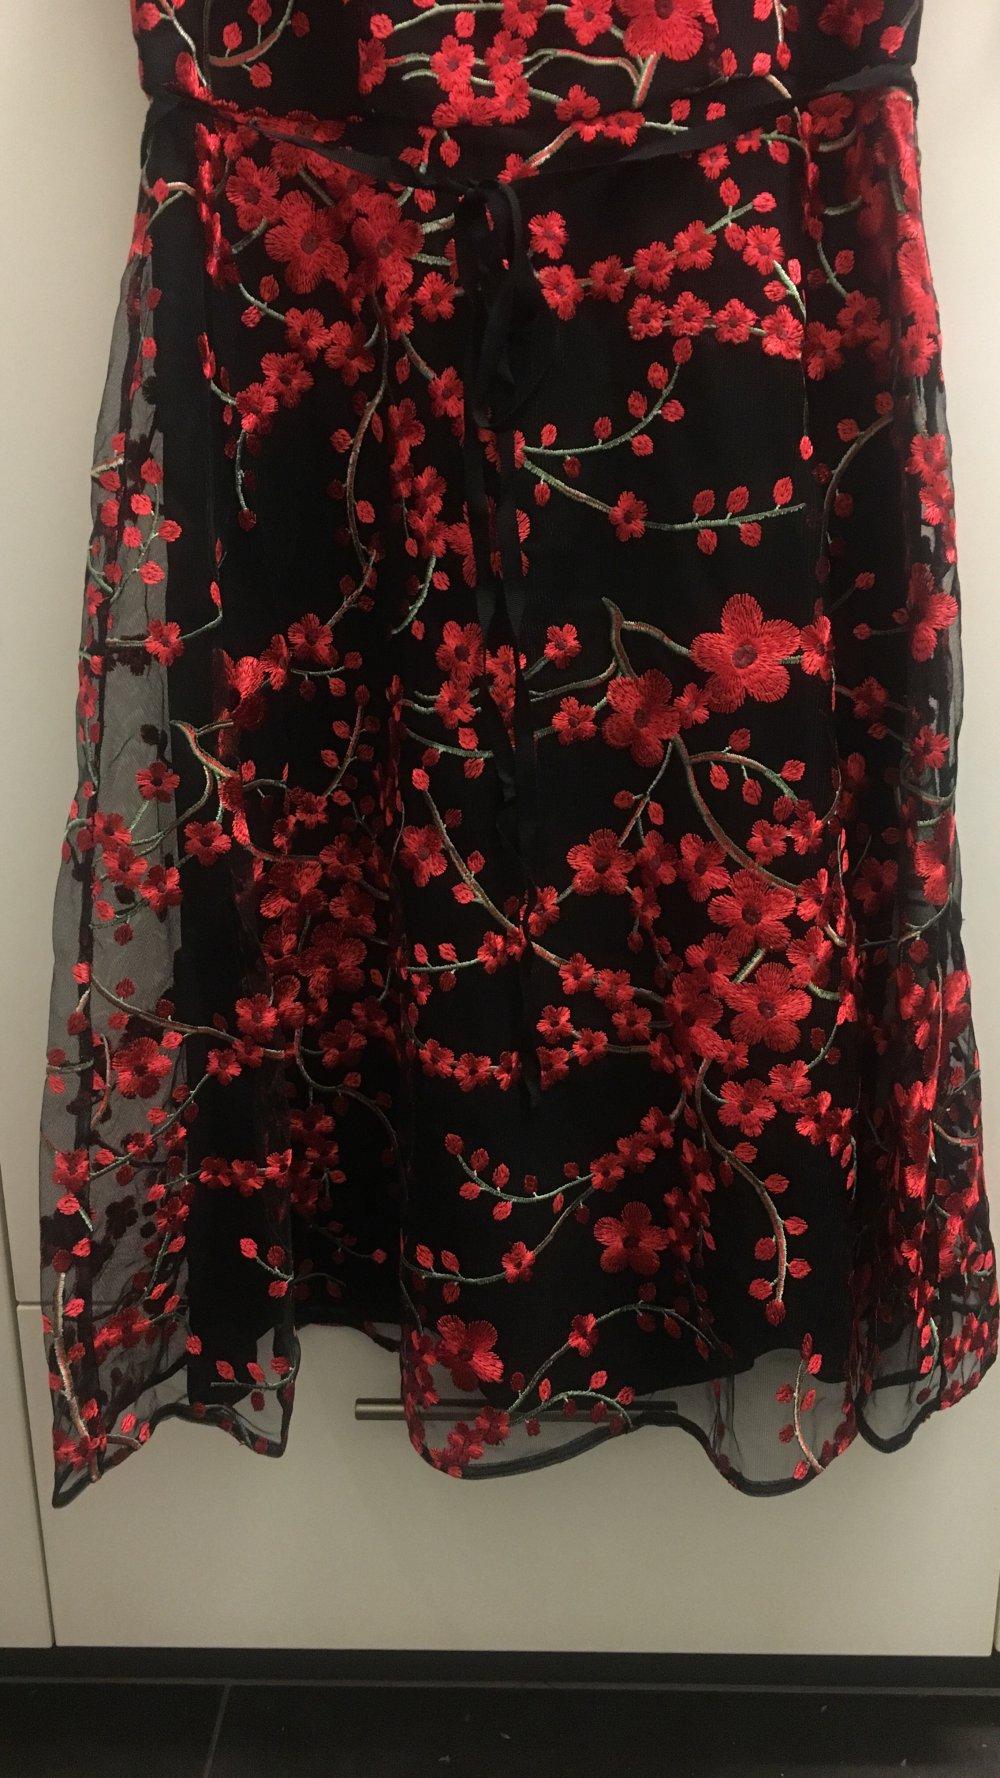 Abendkleid Phase eight schwarz transparent mit gestickten roten Blumen UK  4 4/4?